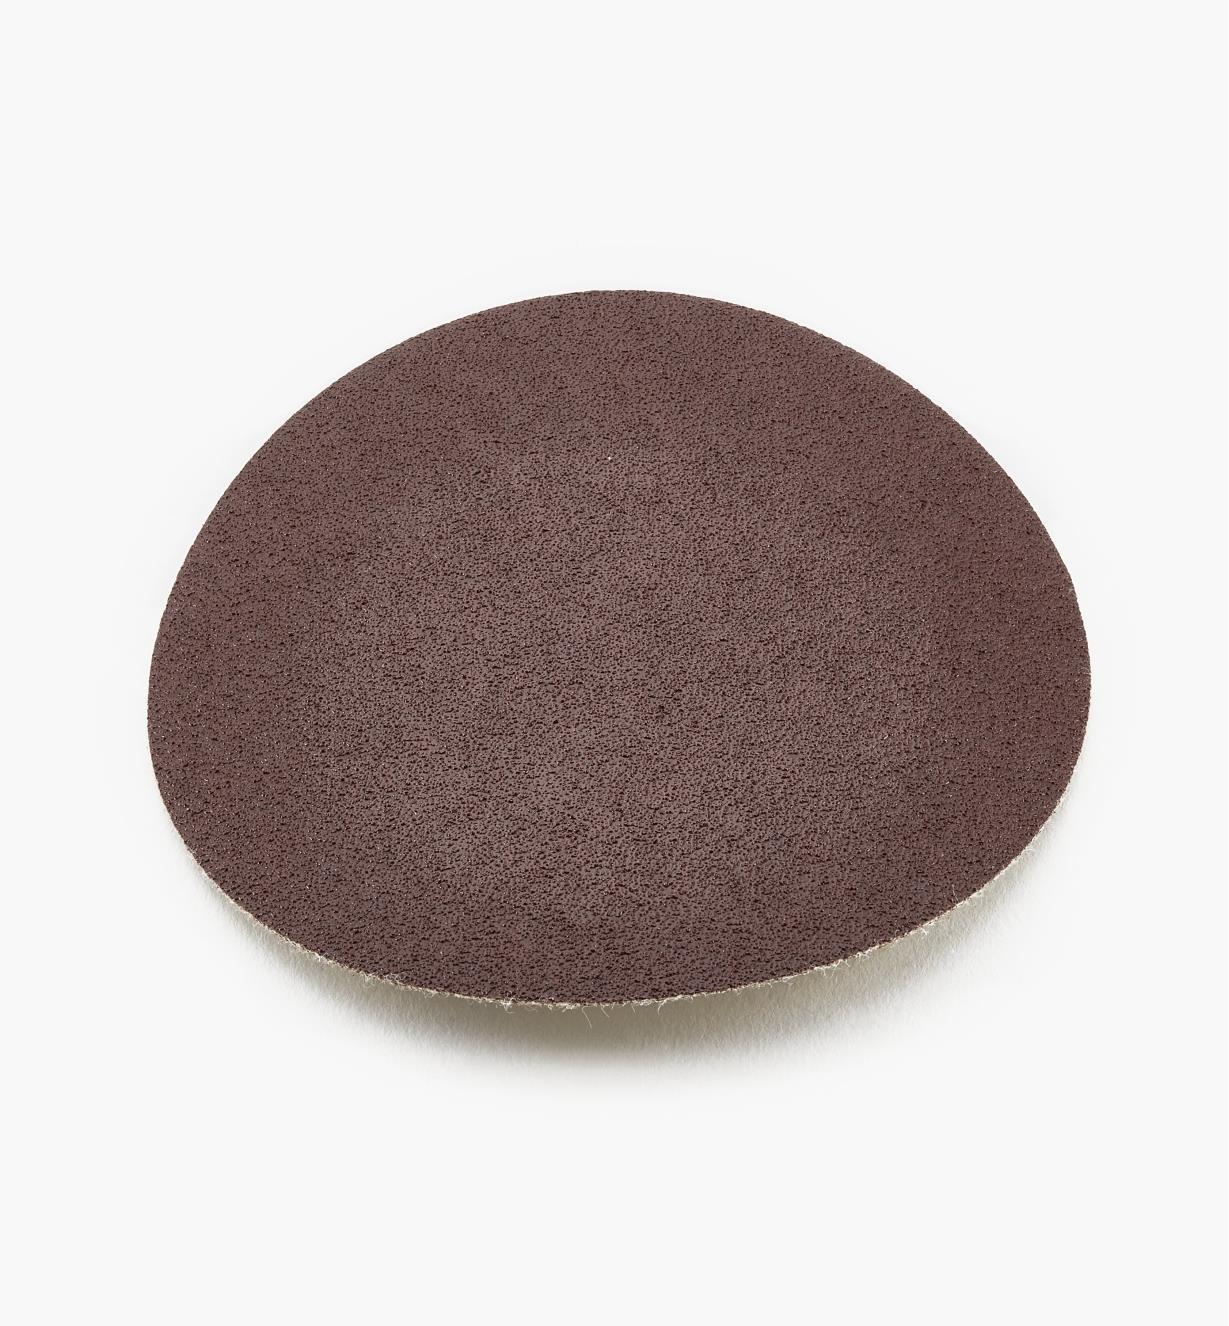 Festool Rubin 2 RAS 115.04 Abrasives